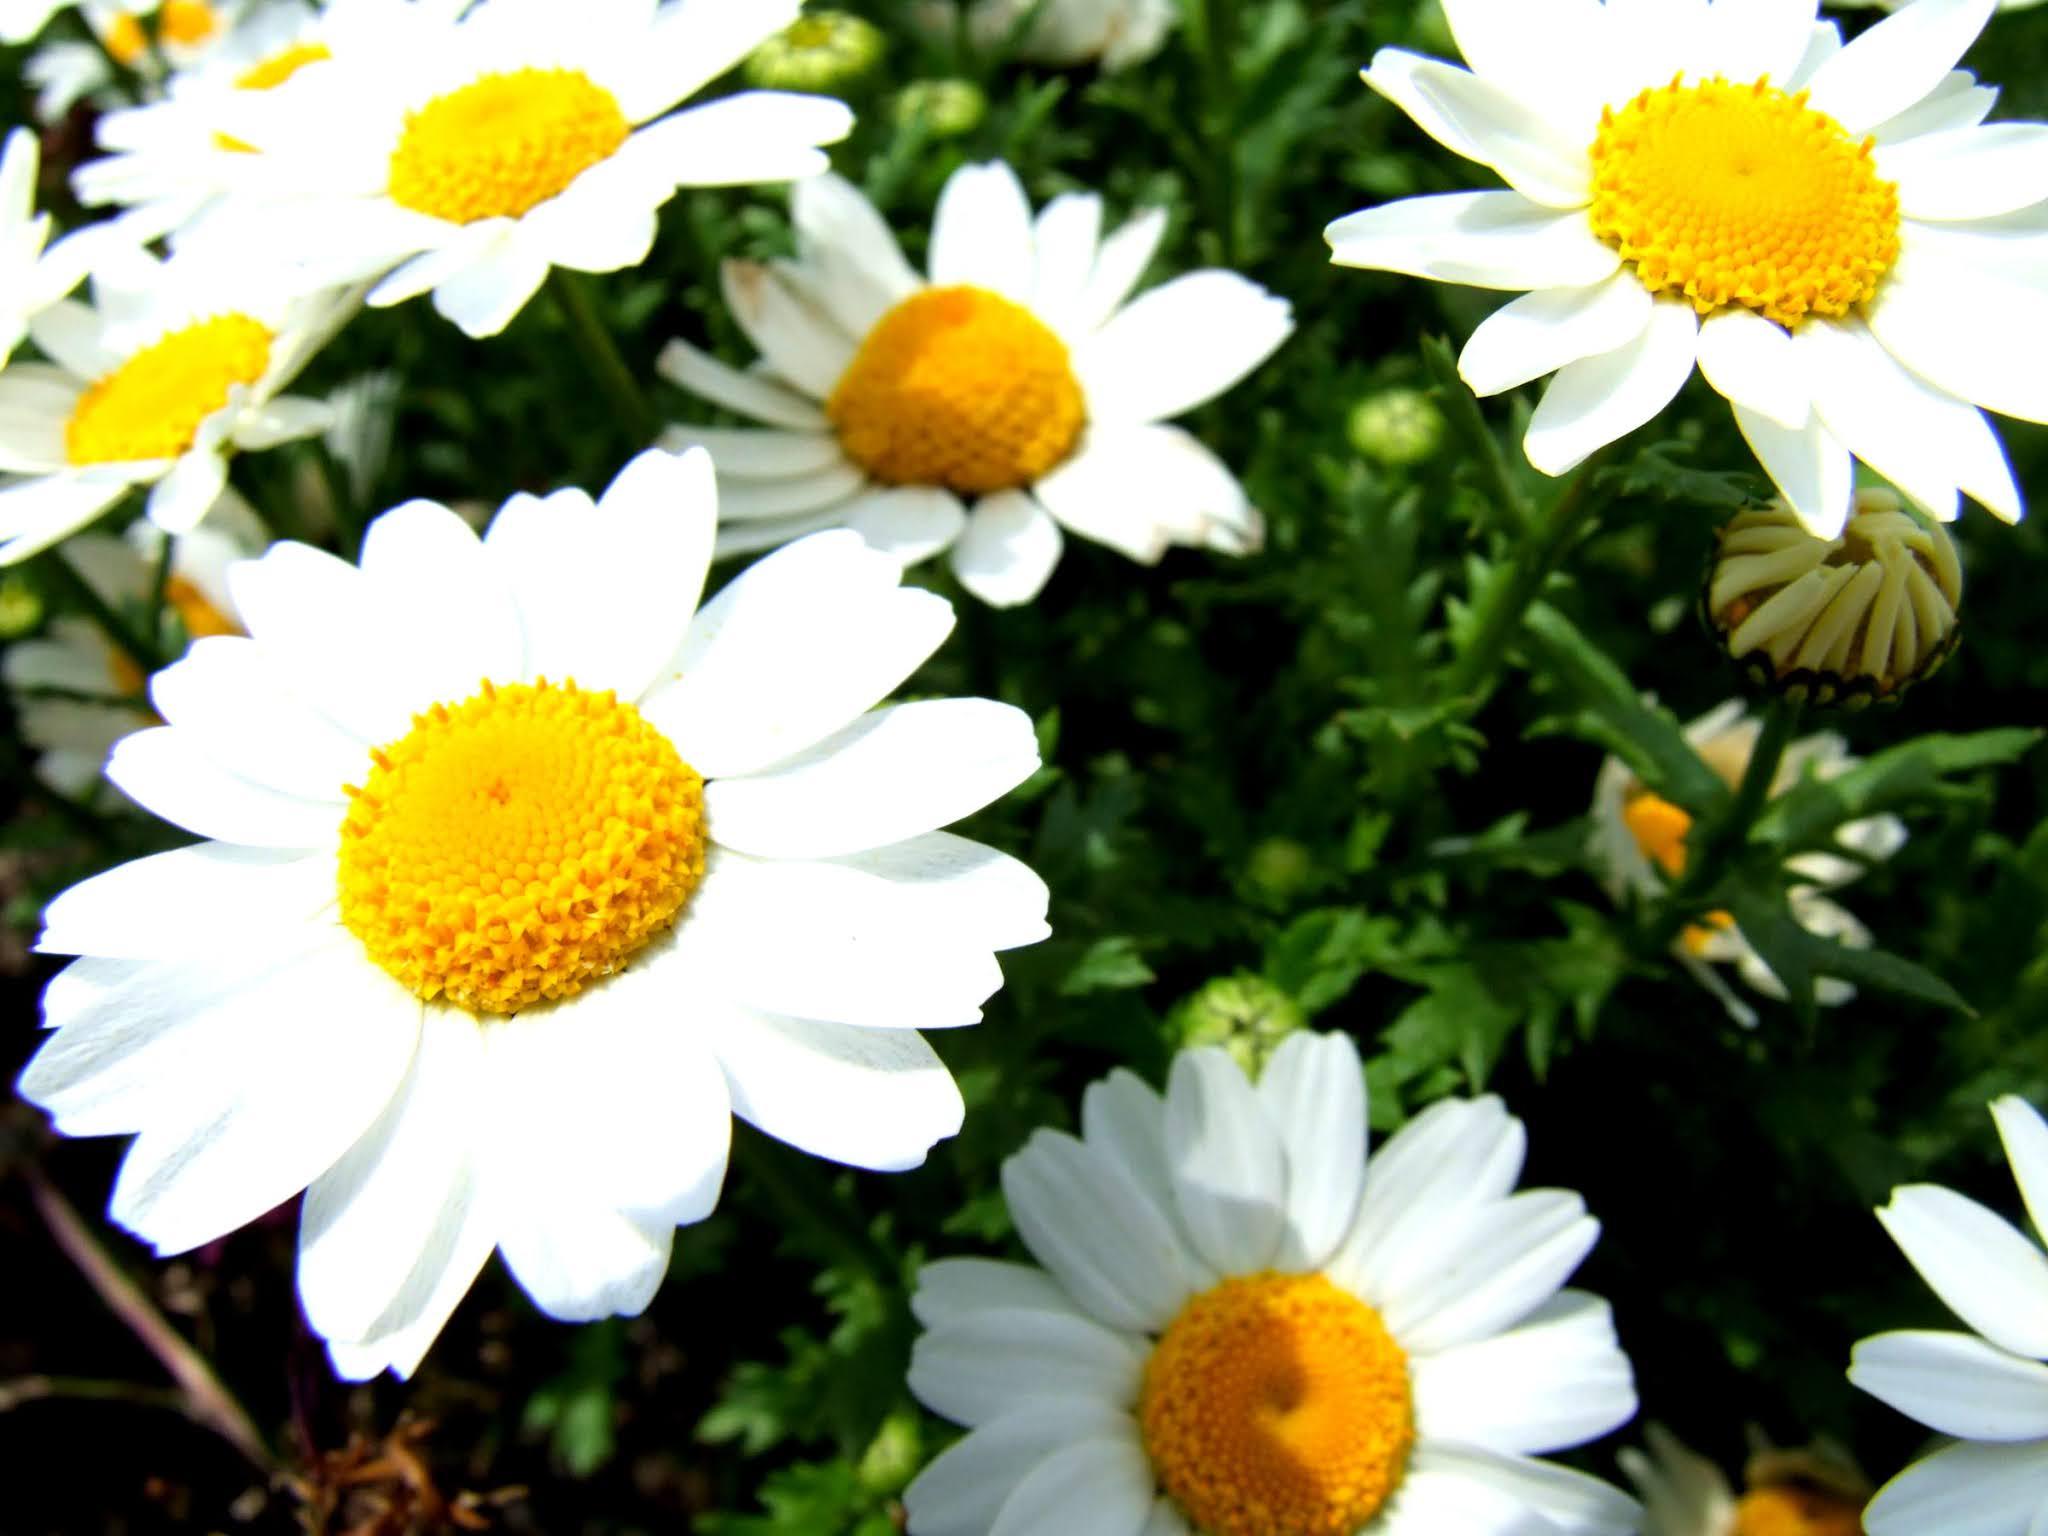 マーガレット(モクシュンギク)の花の写真素材です。白く咲き誇る花弁がキレイですよね。ブログやSNSの画面を華やかにしたい場面でいかがでしょう。